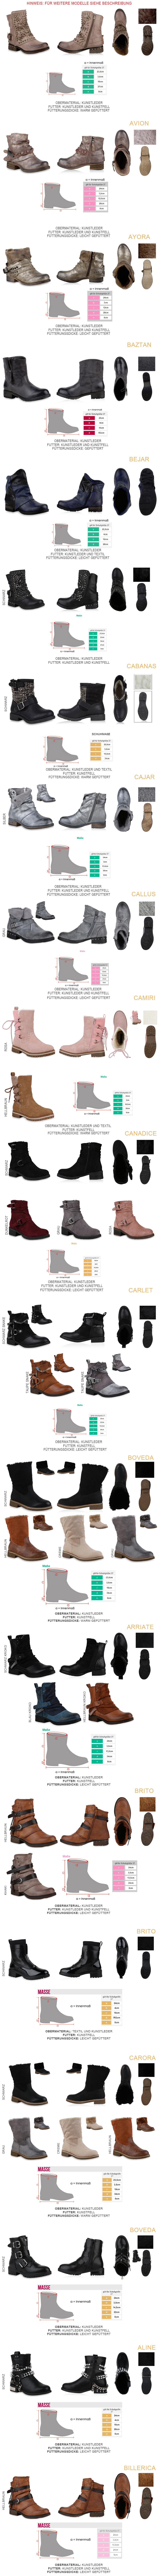 Details zu 892846 Damen Biker Boots Warm Gefütterte Stiefel Nieten Stiefeletten Schuhe